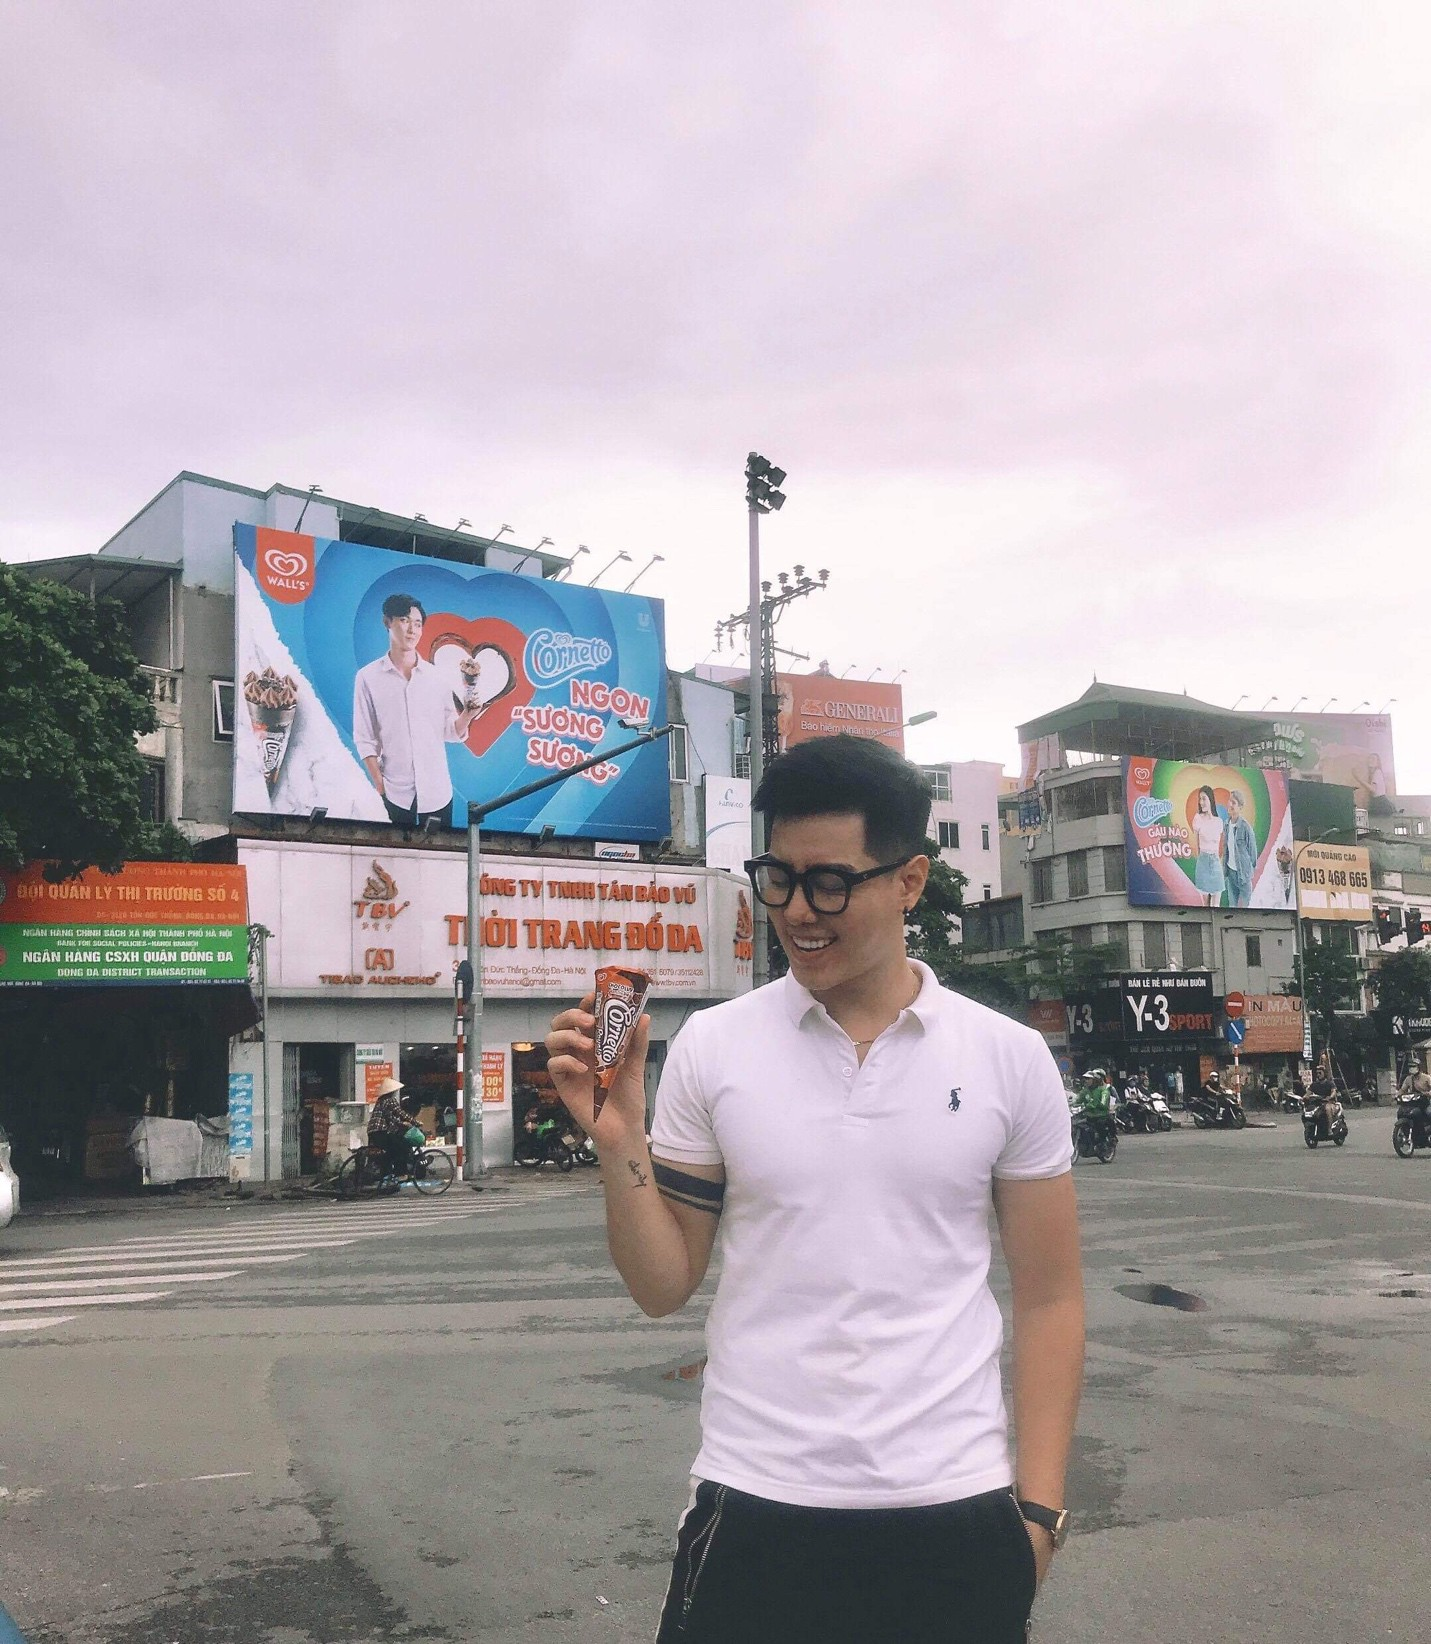 Điều gì khiến biển quảng cáo này trở thành nơi khiến giới trẻ Sài Gòn lẫn Hà Nội hào hứng tranh nhau check-in? - Ảnh 2.